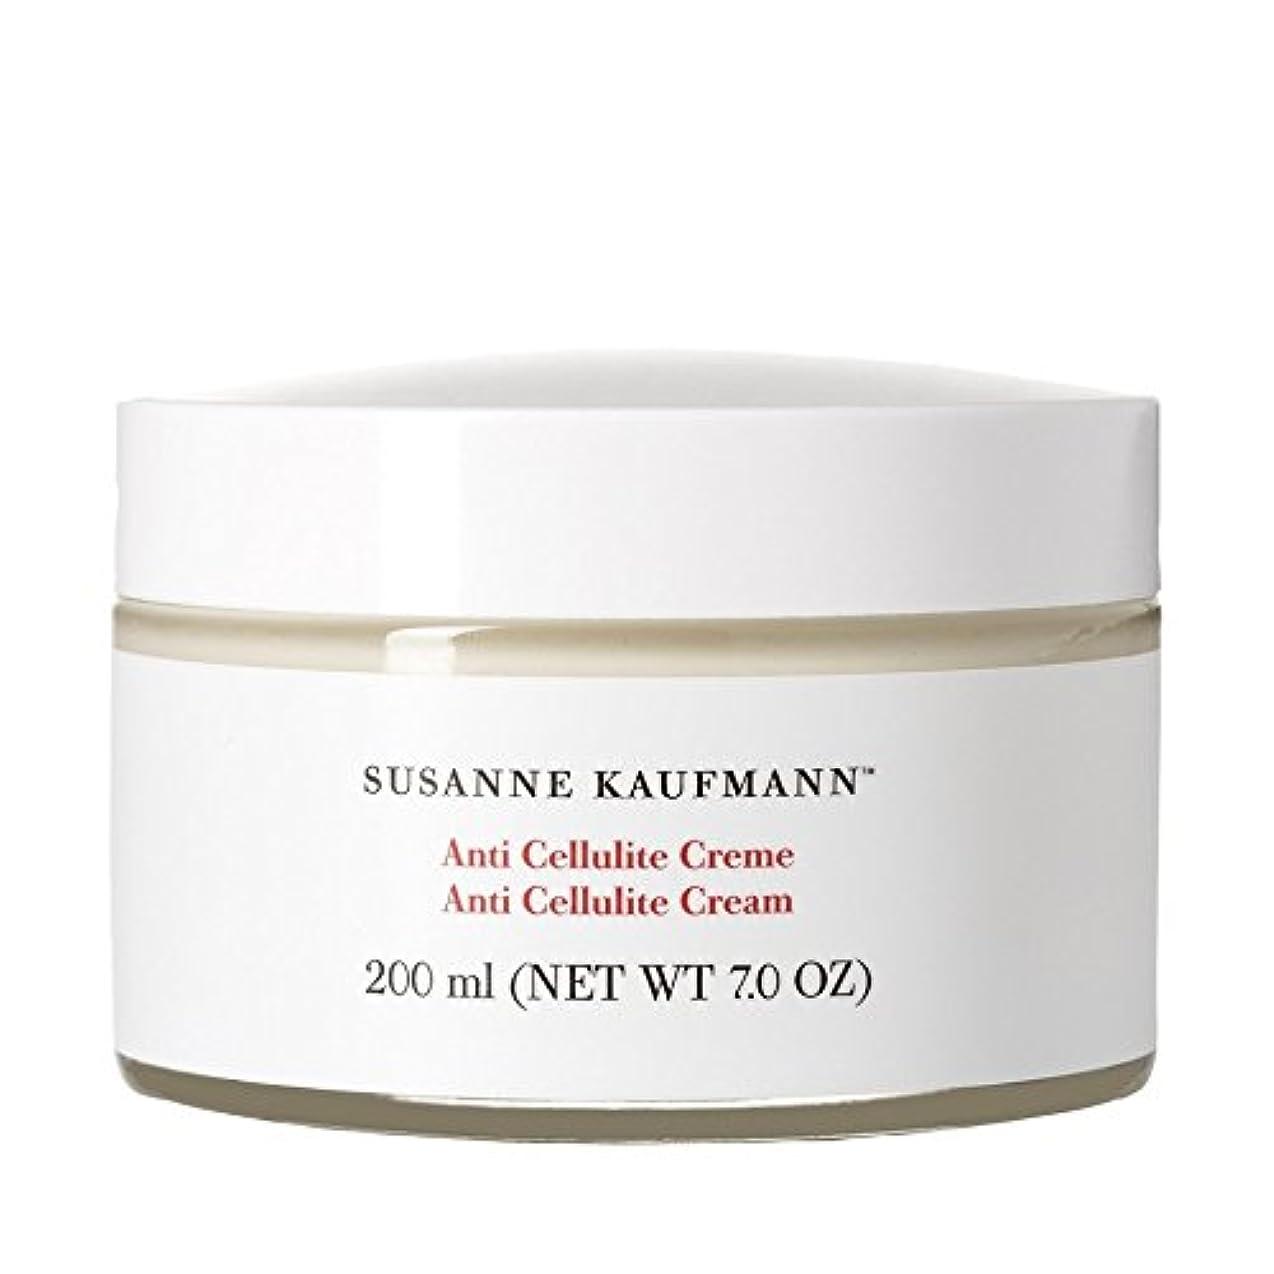 究極のアンビエント台風Susanne Kaufmann Anti Cellulite Cream 200ml - スザンヌカウフマン抗セルライトクリーム200ミリリットル [並行輸入品]